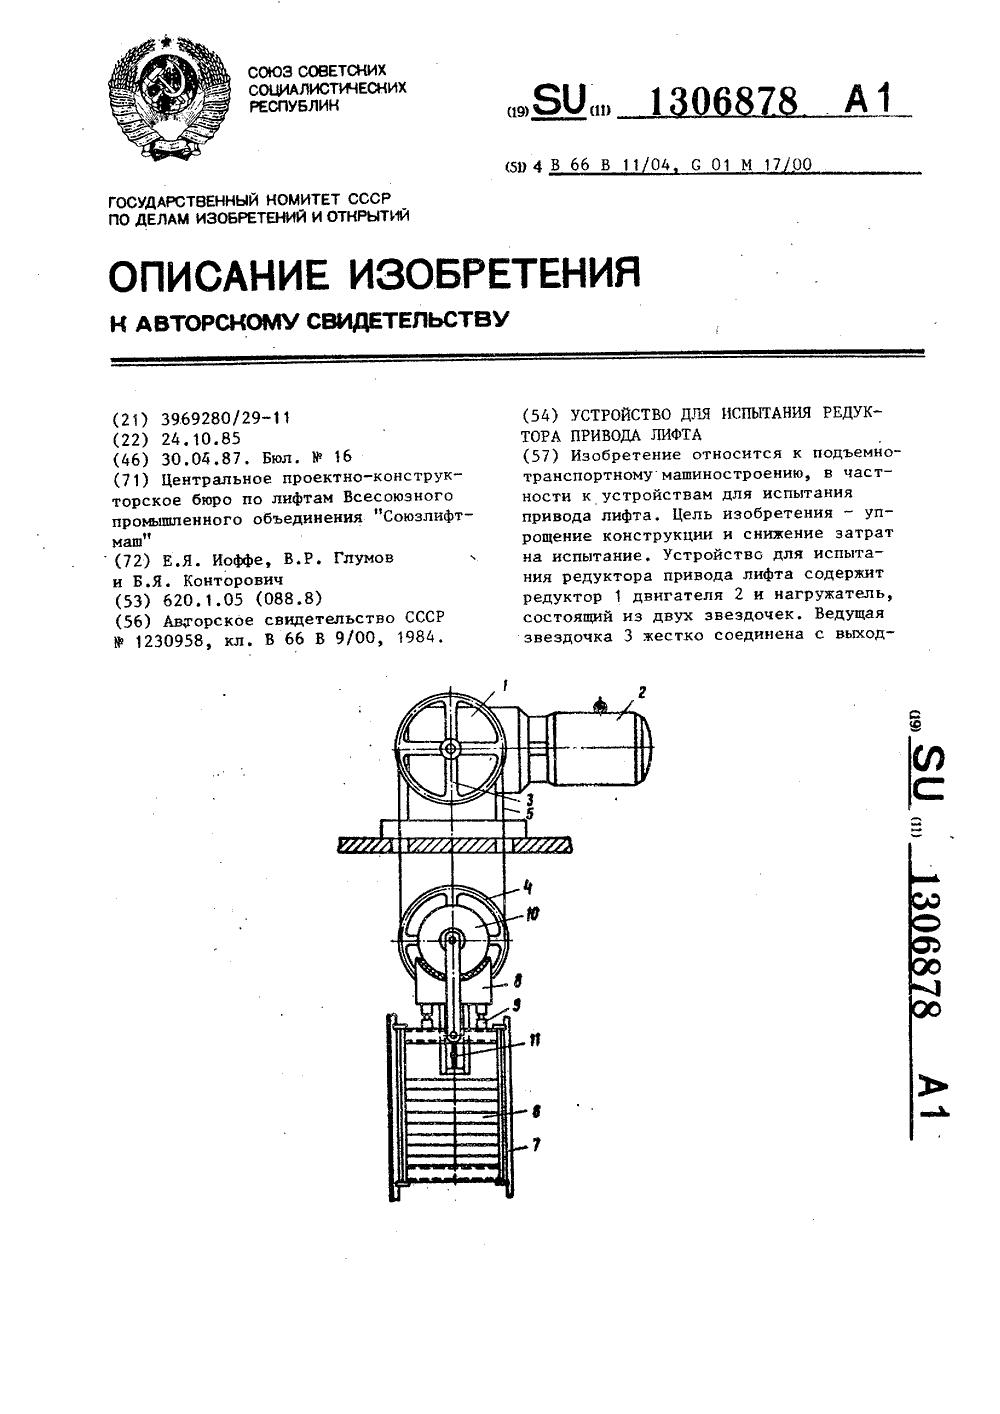 схема датчика точной остановки лифта